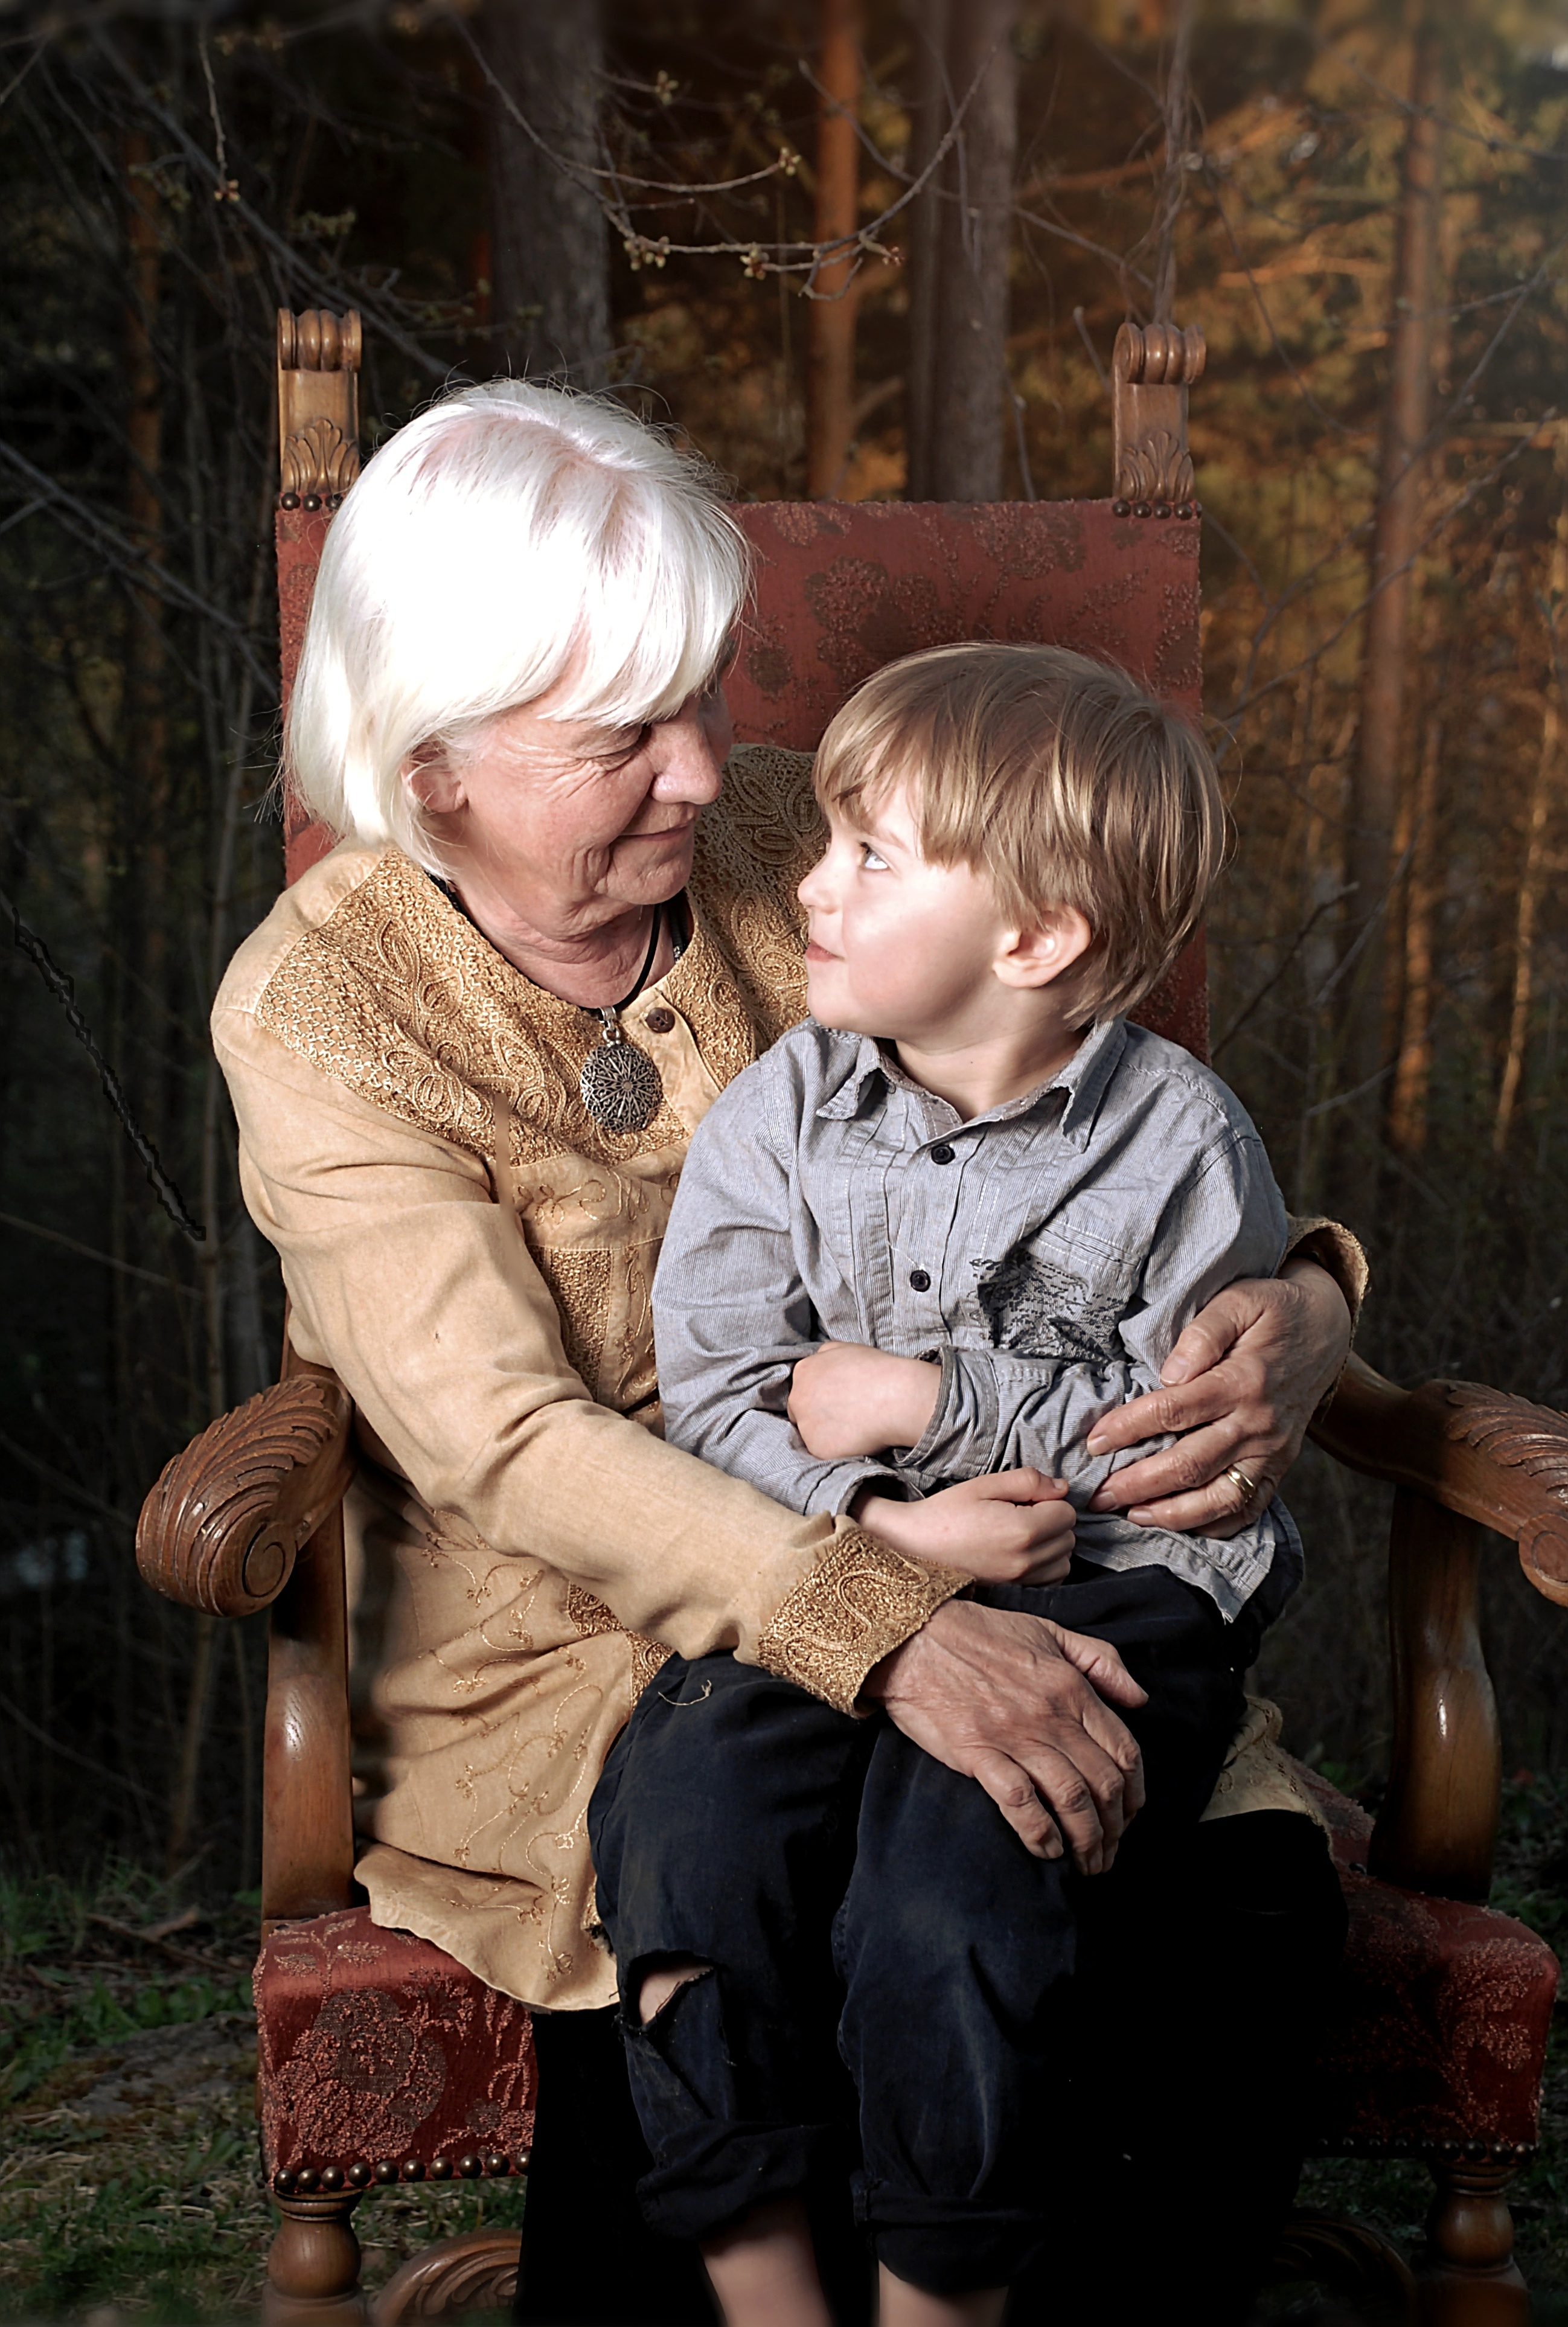 mormor och samuel